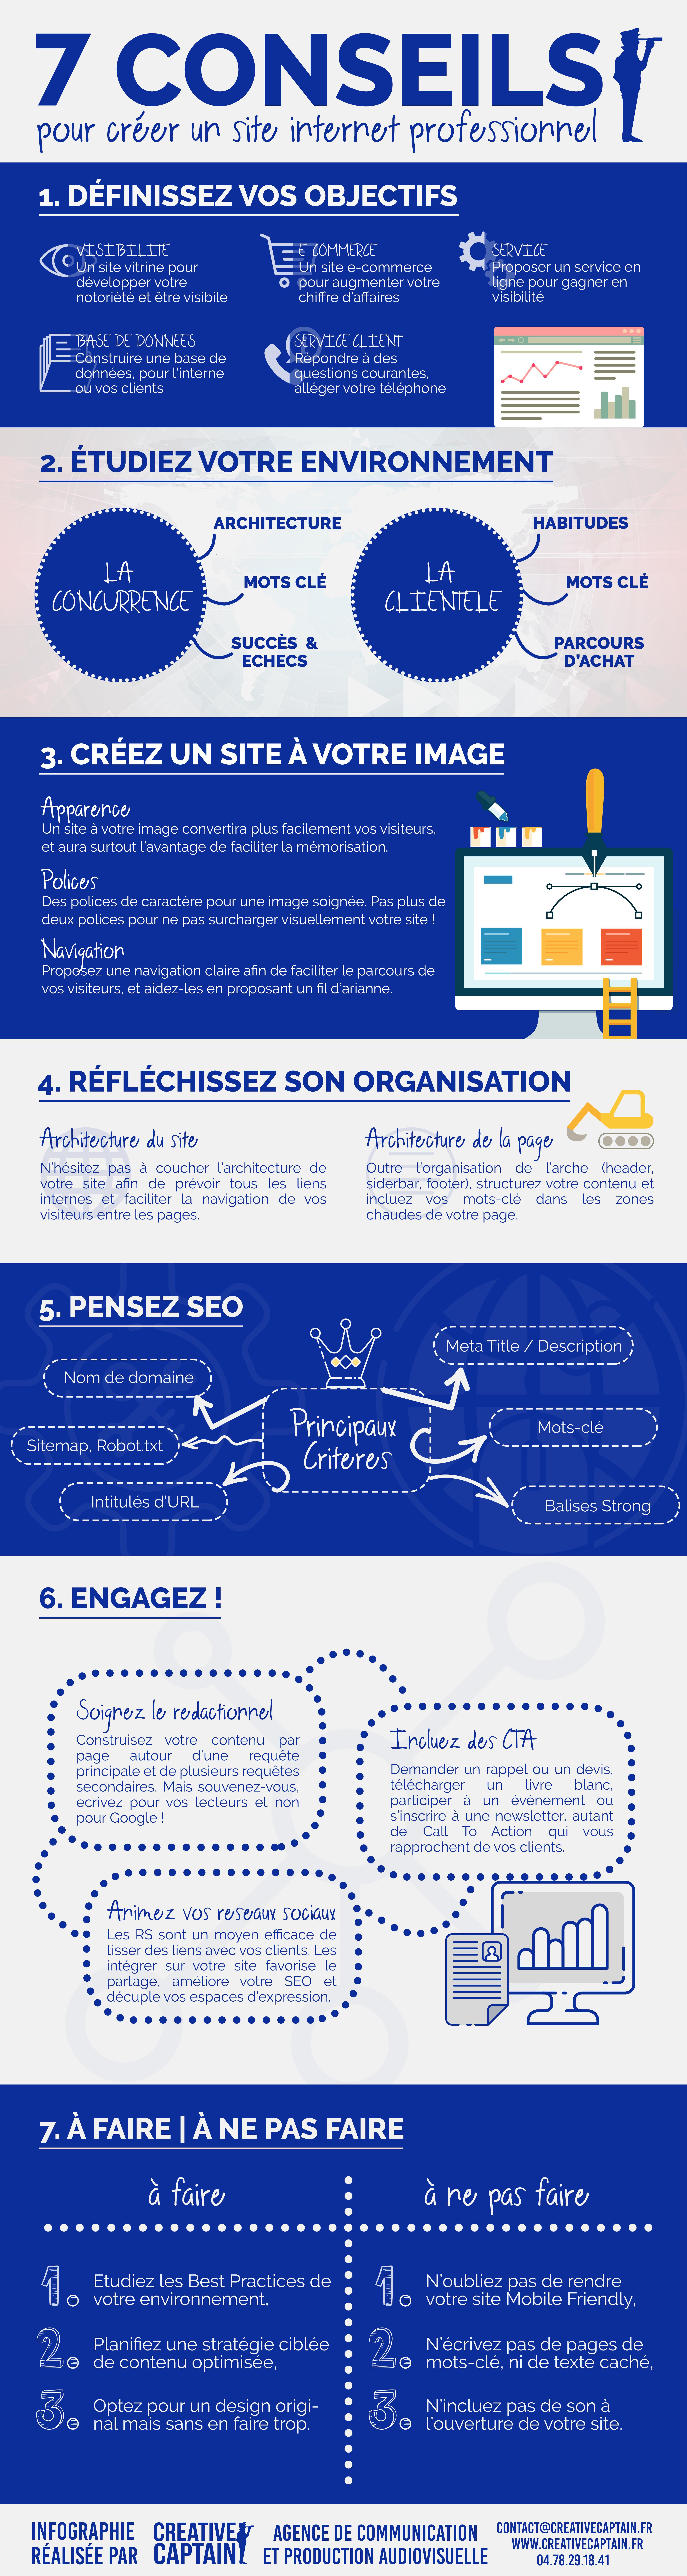 7 conseils pour créer un site internet professionnel - Infographie agence de communication creative captain sur webmarketing-com